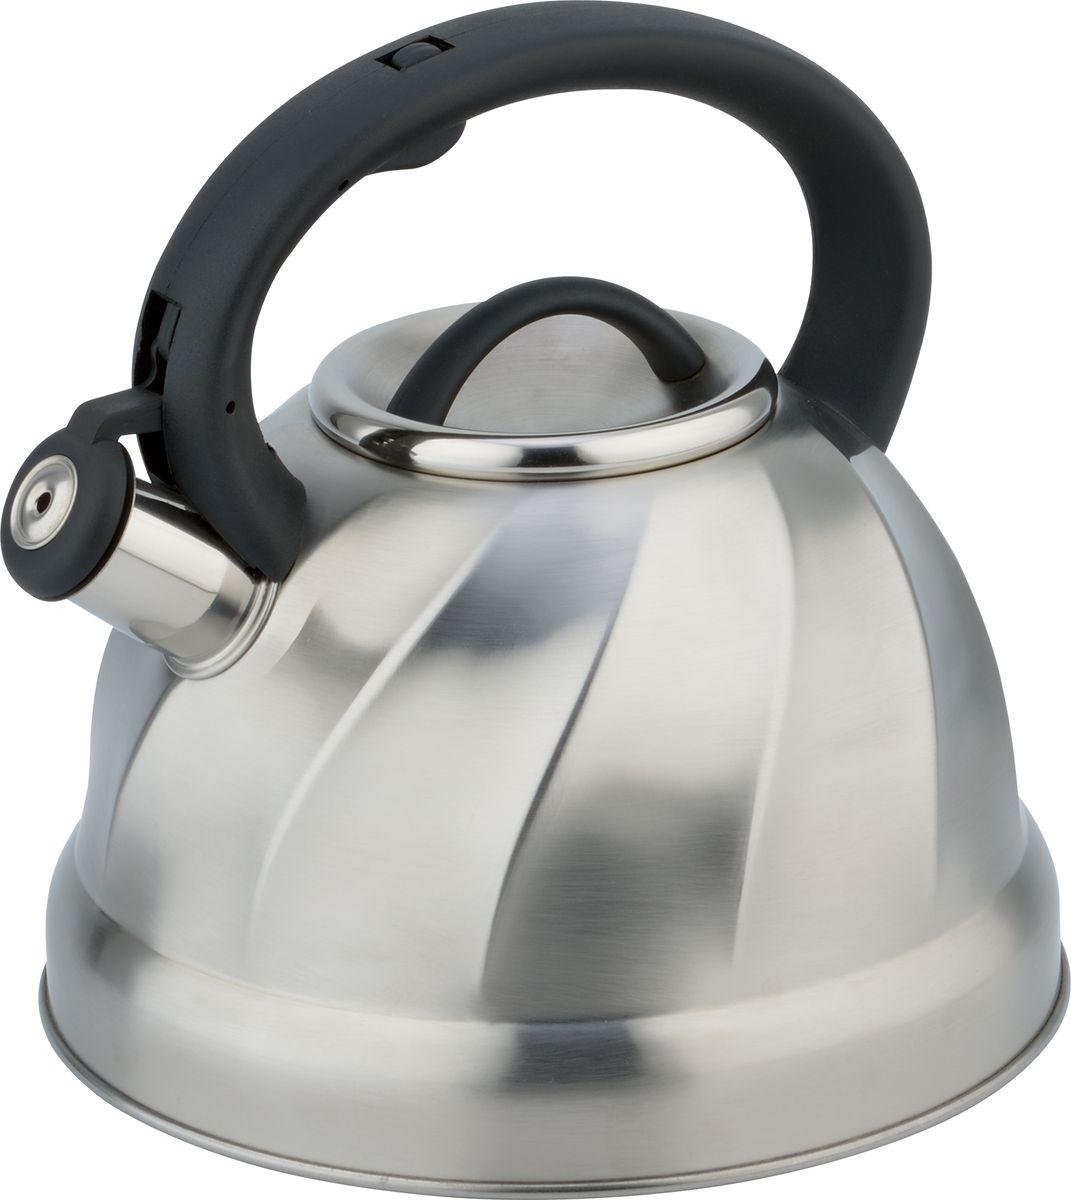 Чайник  Rainstahl , со свистком, 3,5 л. 7618-35RS\WK - Посуда для приготовления